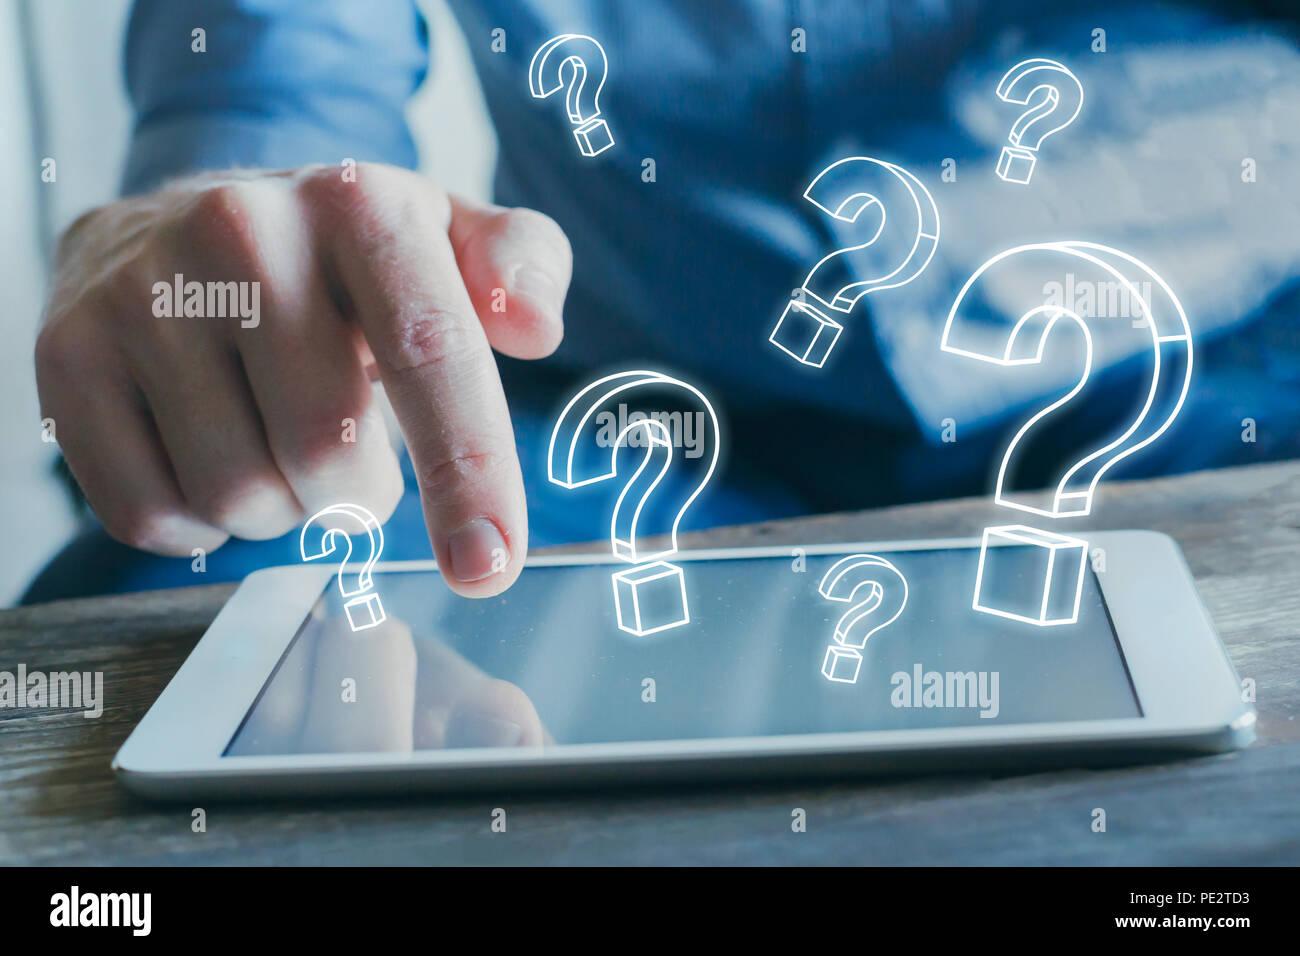 Muchas marcas quiestion desde la pantalla del tablet PC, encontrar respuesta en línea, preguntas frecuentes concepto, qué dónde, cuándo, cómo y por qué, buscar información en internet Foto de stock